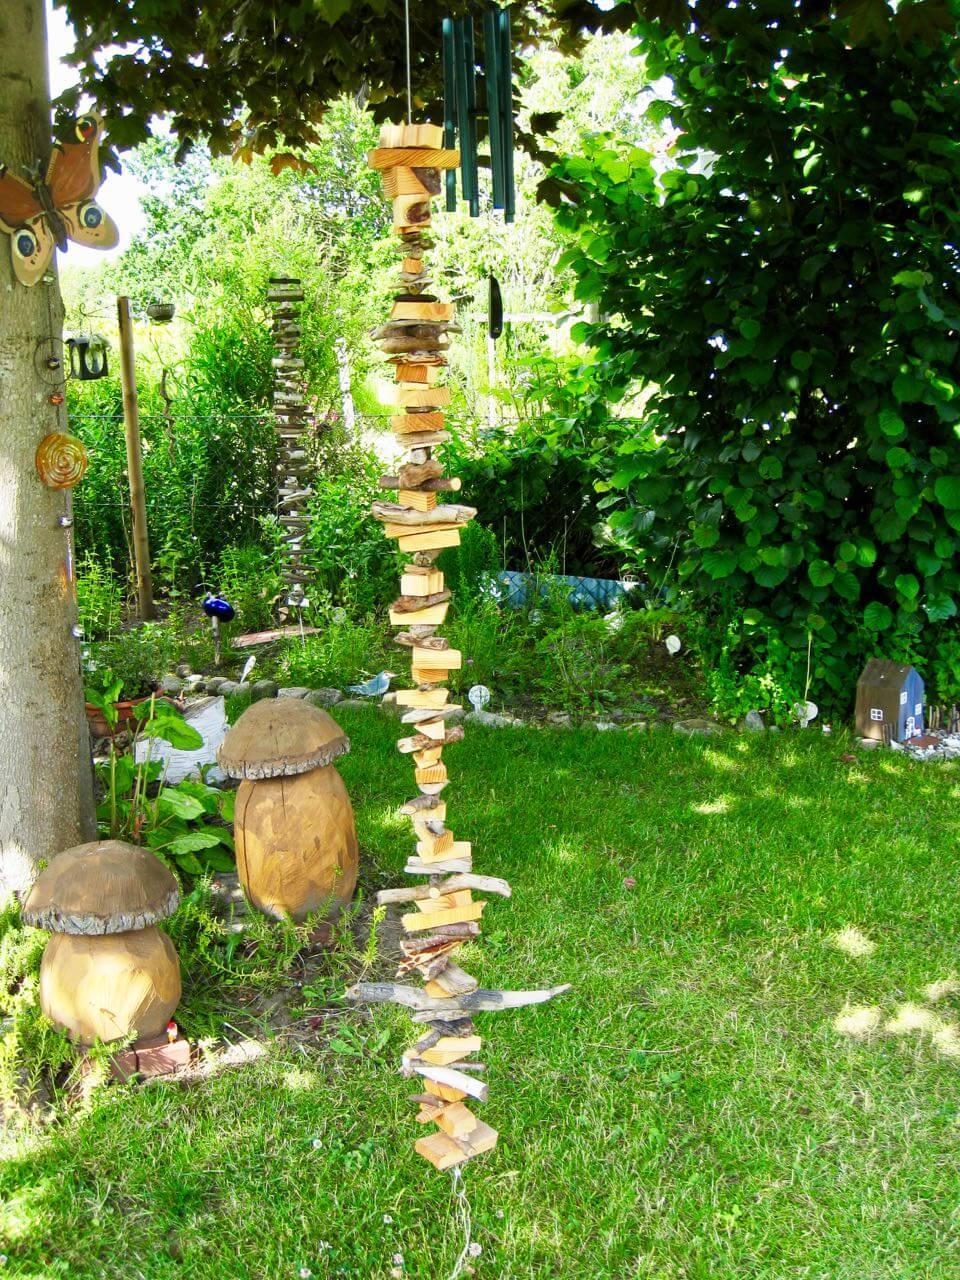 Hölzchenkette-im-Garten